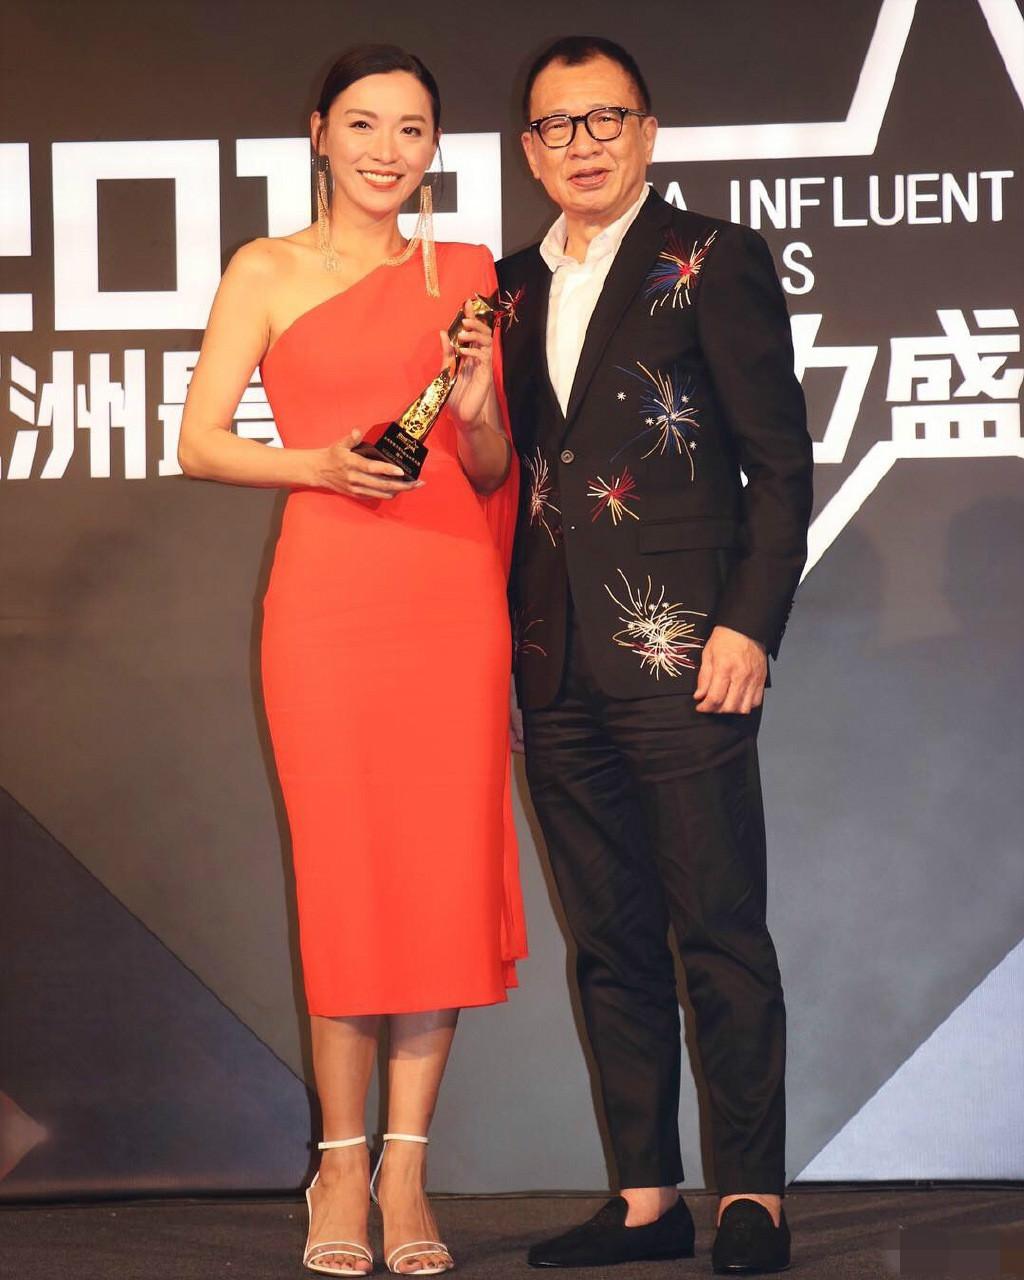 亚洲小姐陈炜太惊艳,一袭吊带白裙配长发优雅大方,素颜哪像46岁